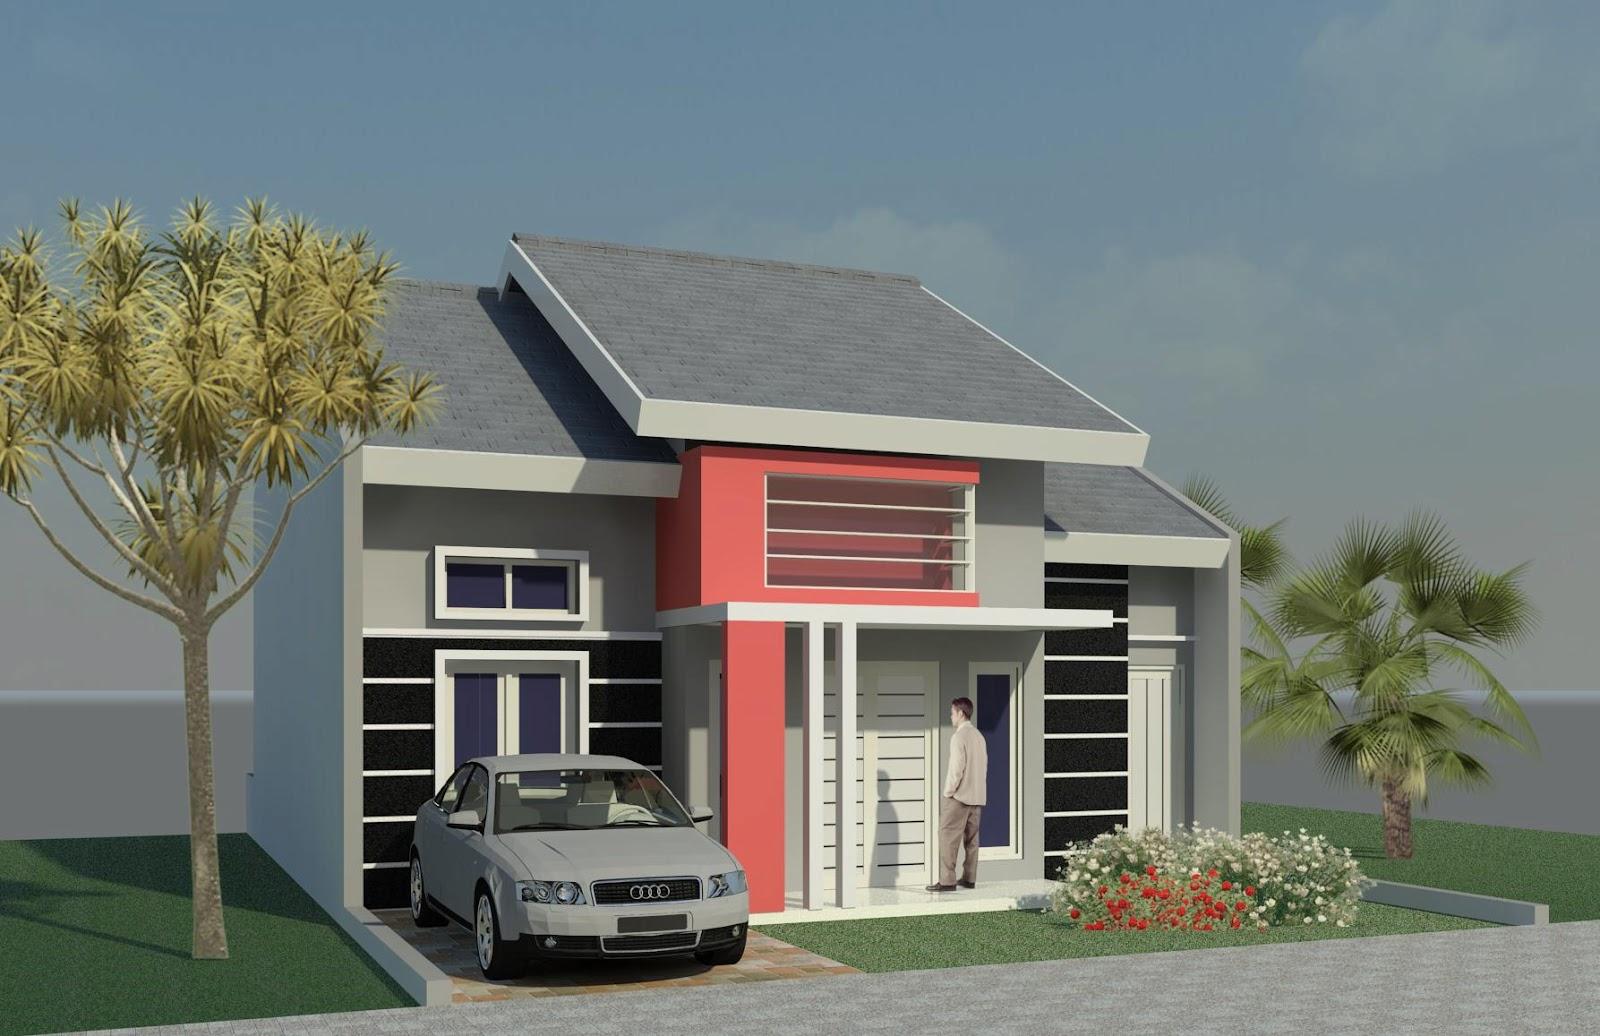 Design Rumah Minimalis 1 Lantai Modern Type 21 36 45 60 2016